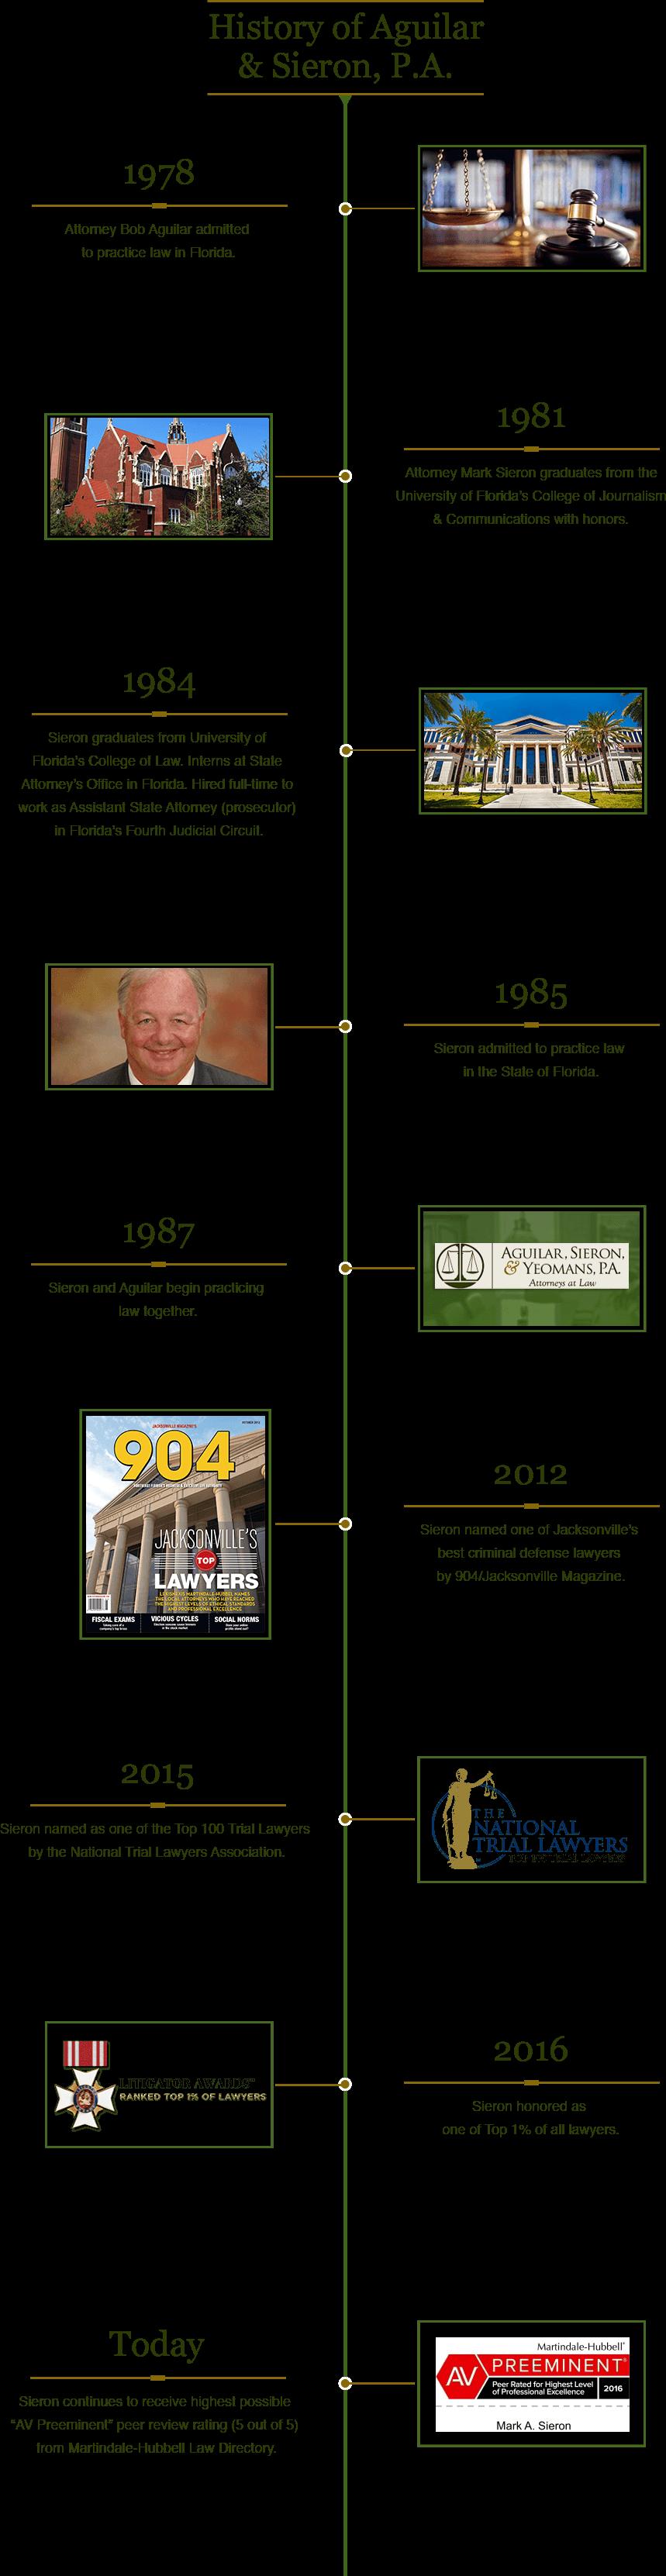 Timeline for Florida Criminal Defense Law Firm